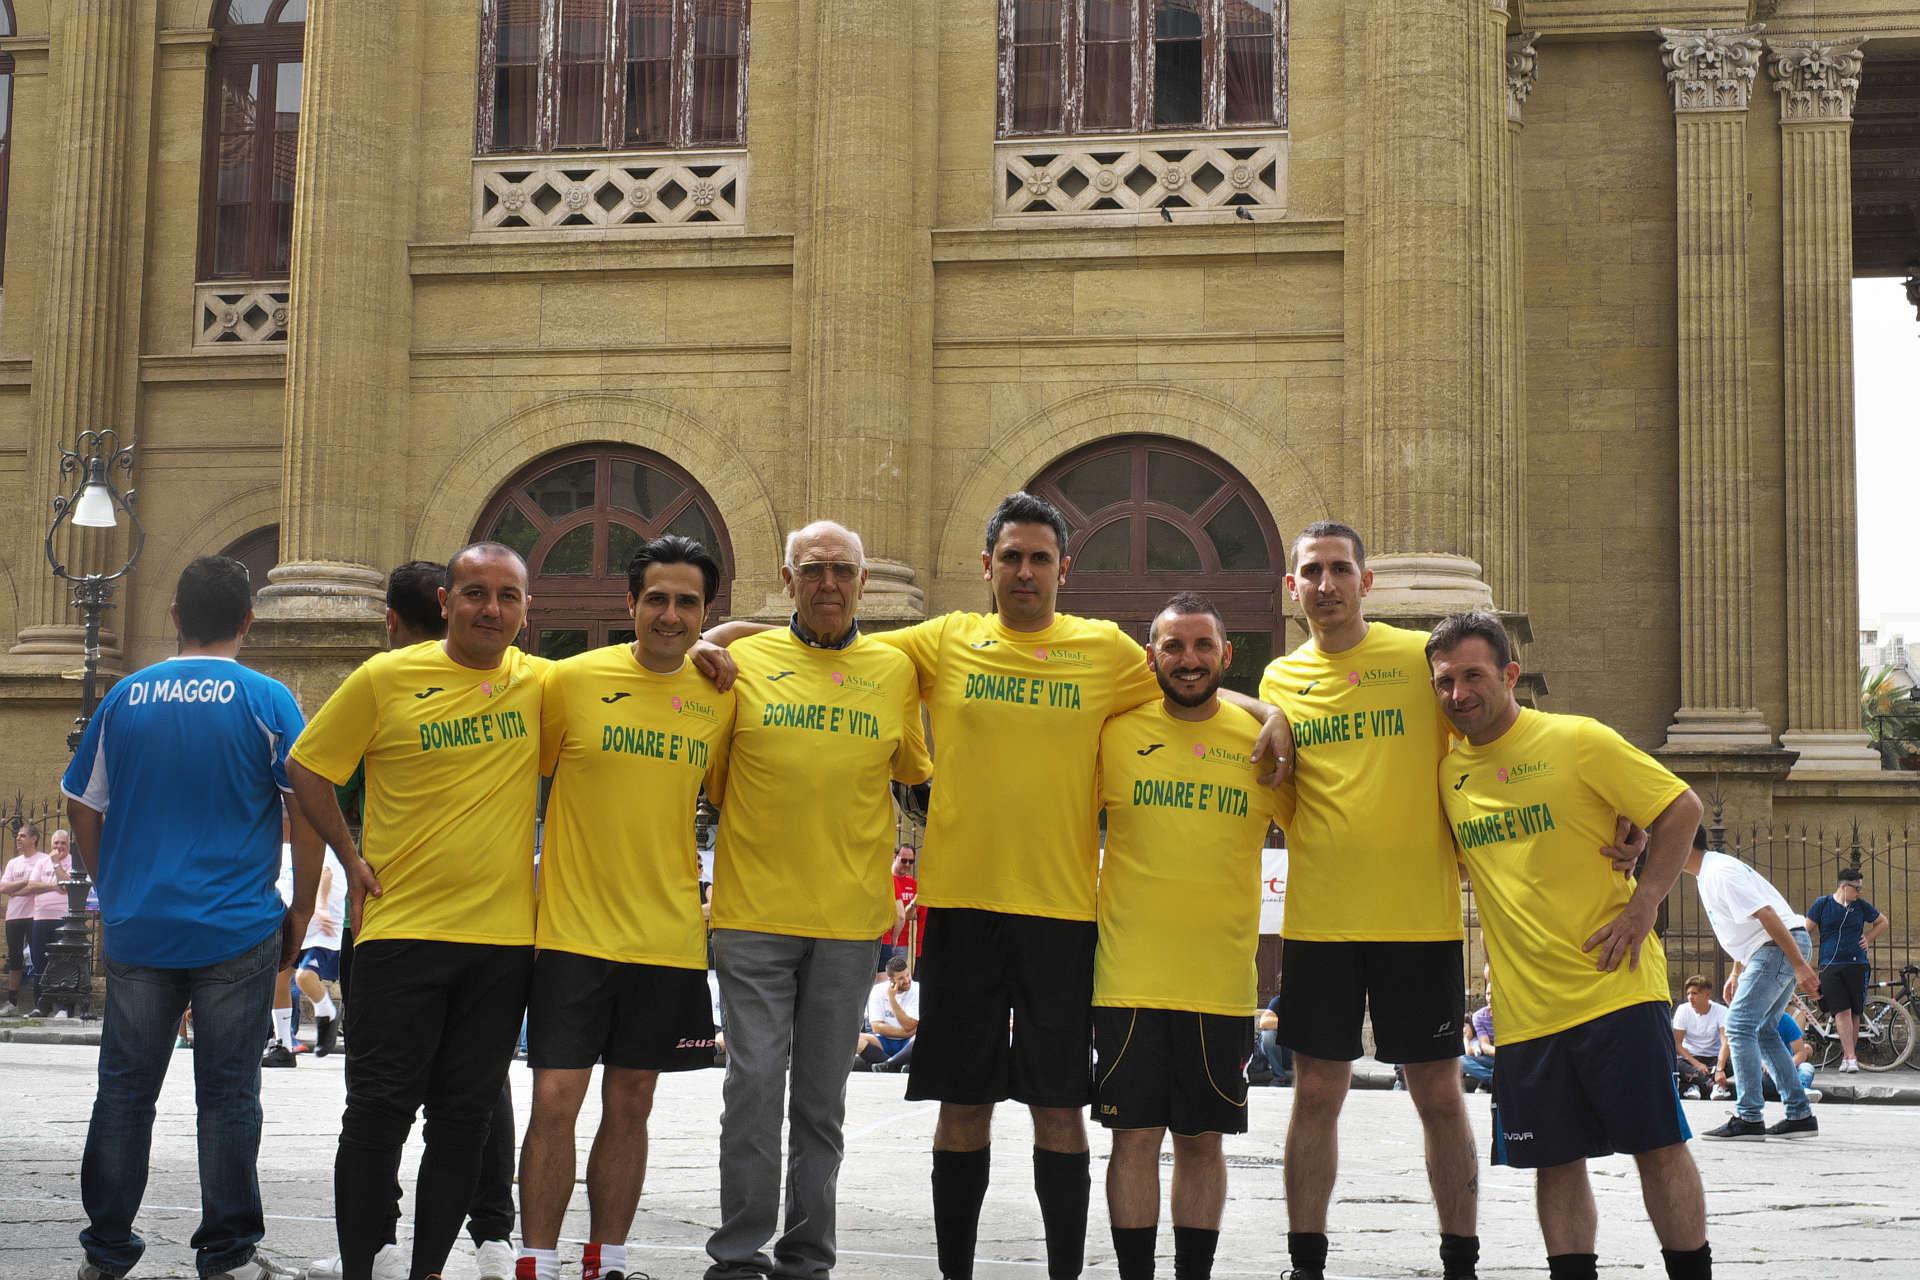 La squadra di Astrafe